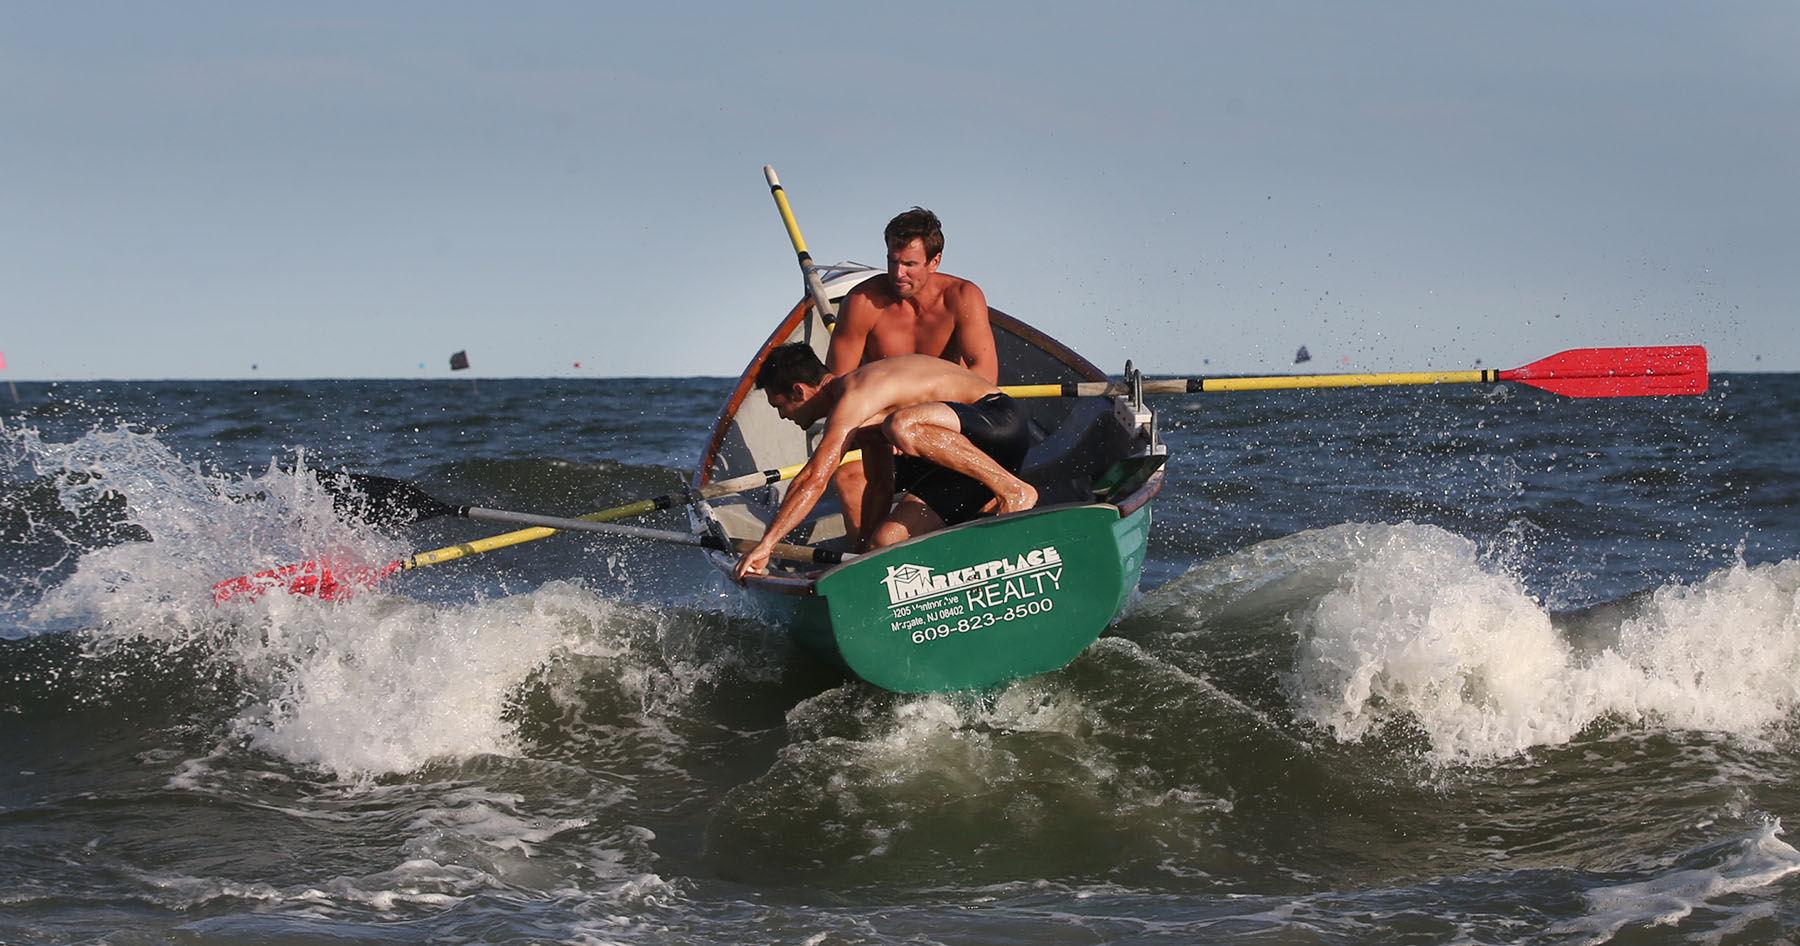 Lifeguard Races | pressofatlanticcity.com